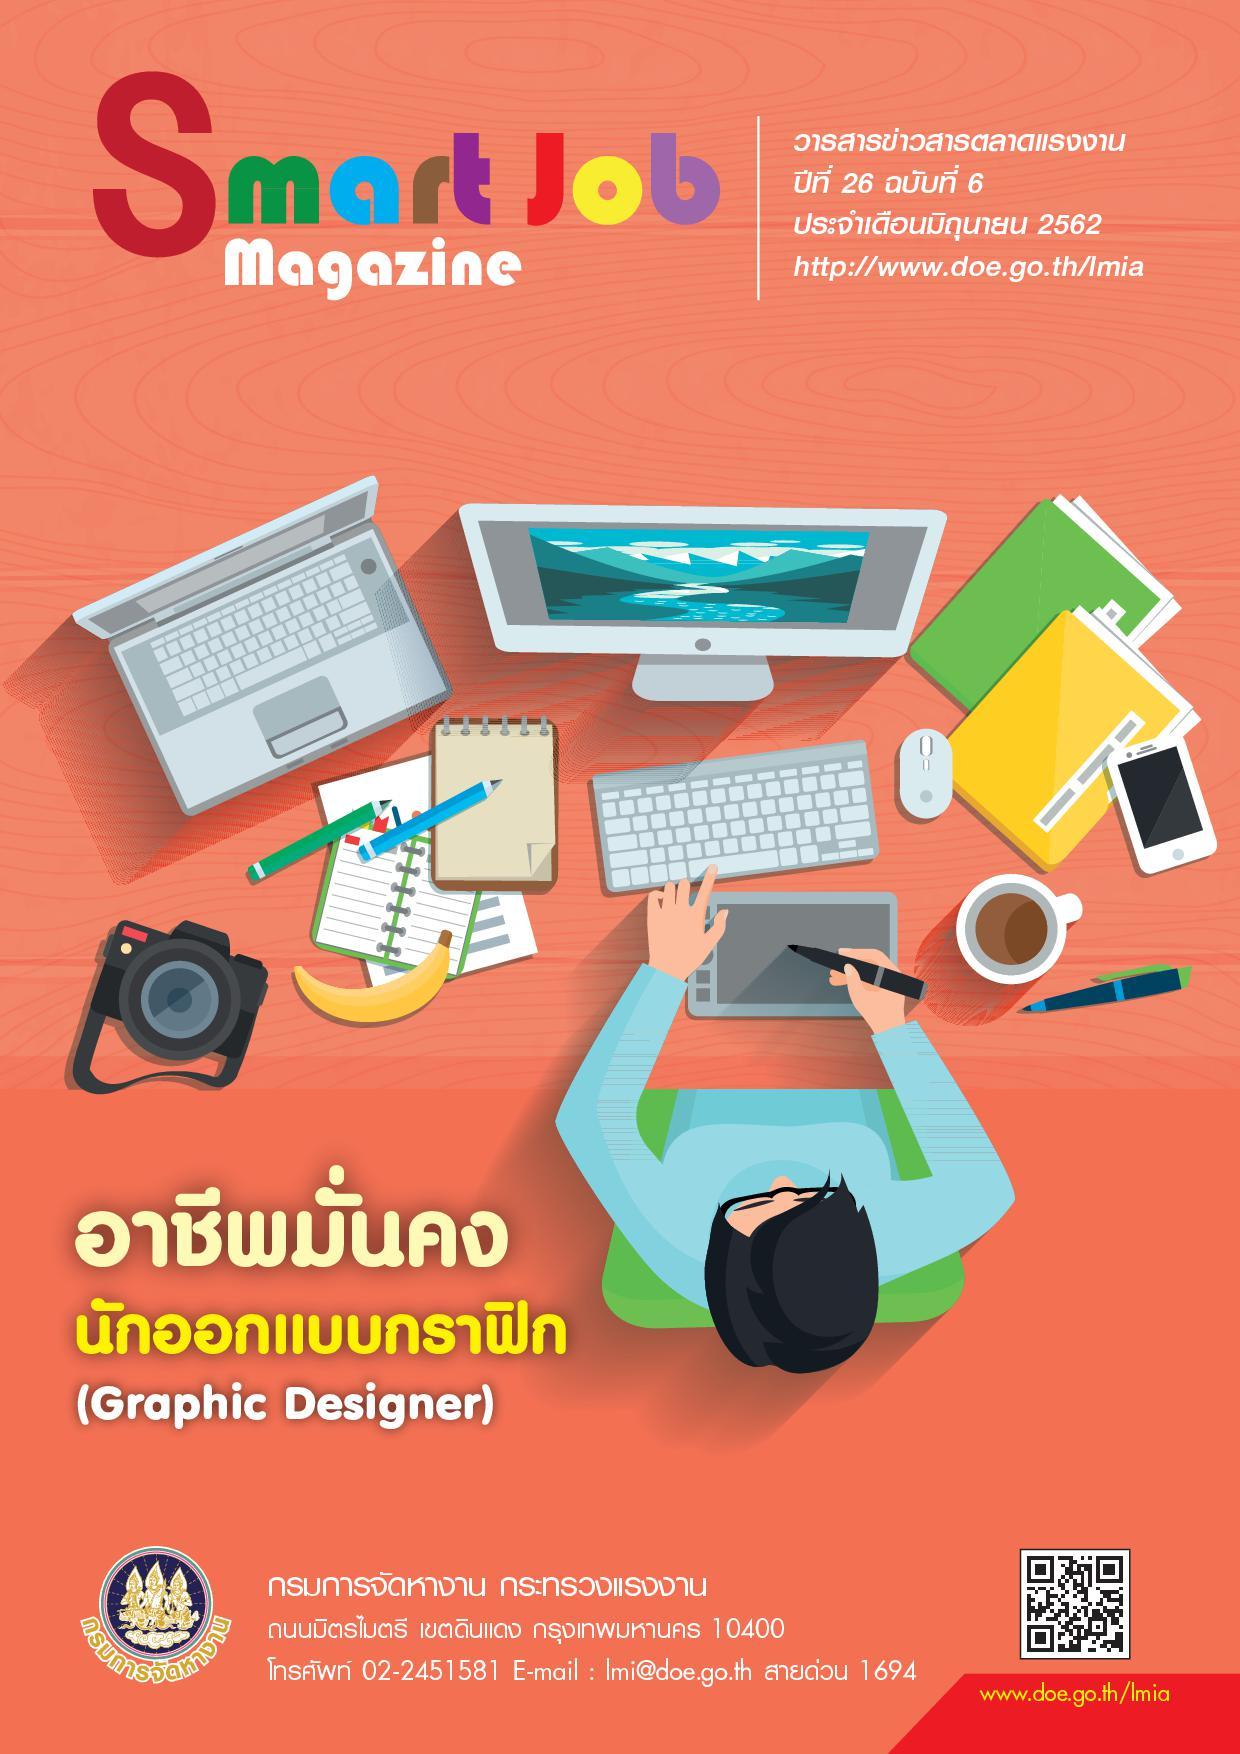 วารสารข่าวสารตลาดแรงงาน ปีที่ 25 ฉบับที่ 5 เดือนมิถุนายน 2562